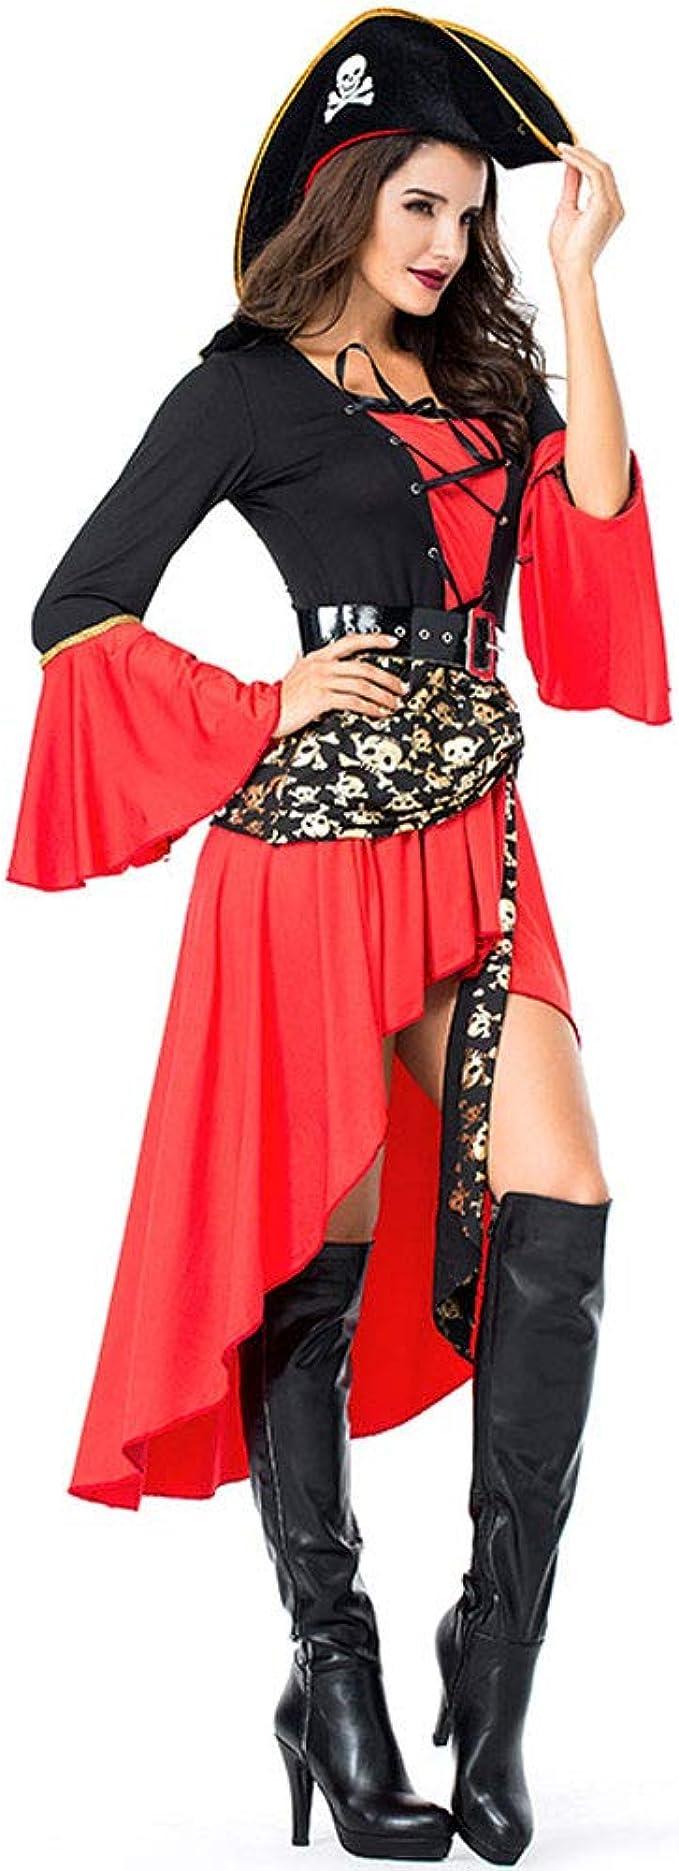 Acoo Lady Halloween Vestido Rojo Falda Cosplay Pirata Vestido ...